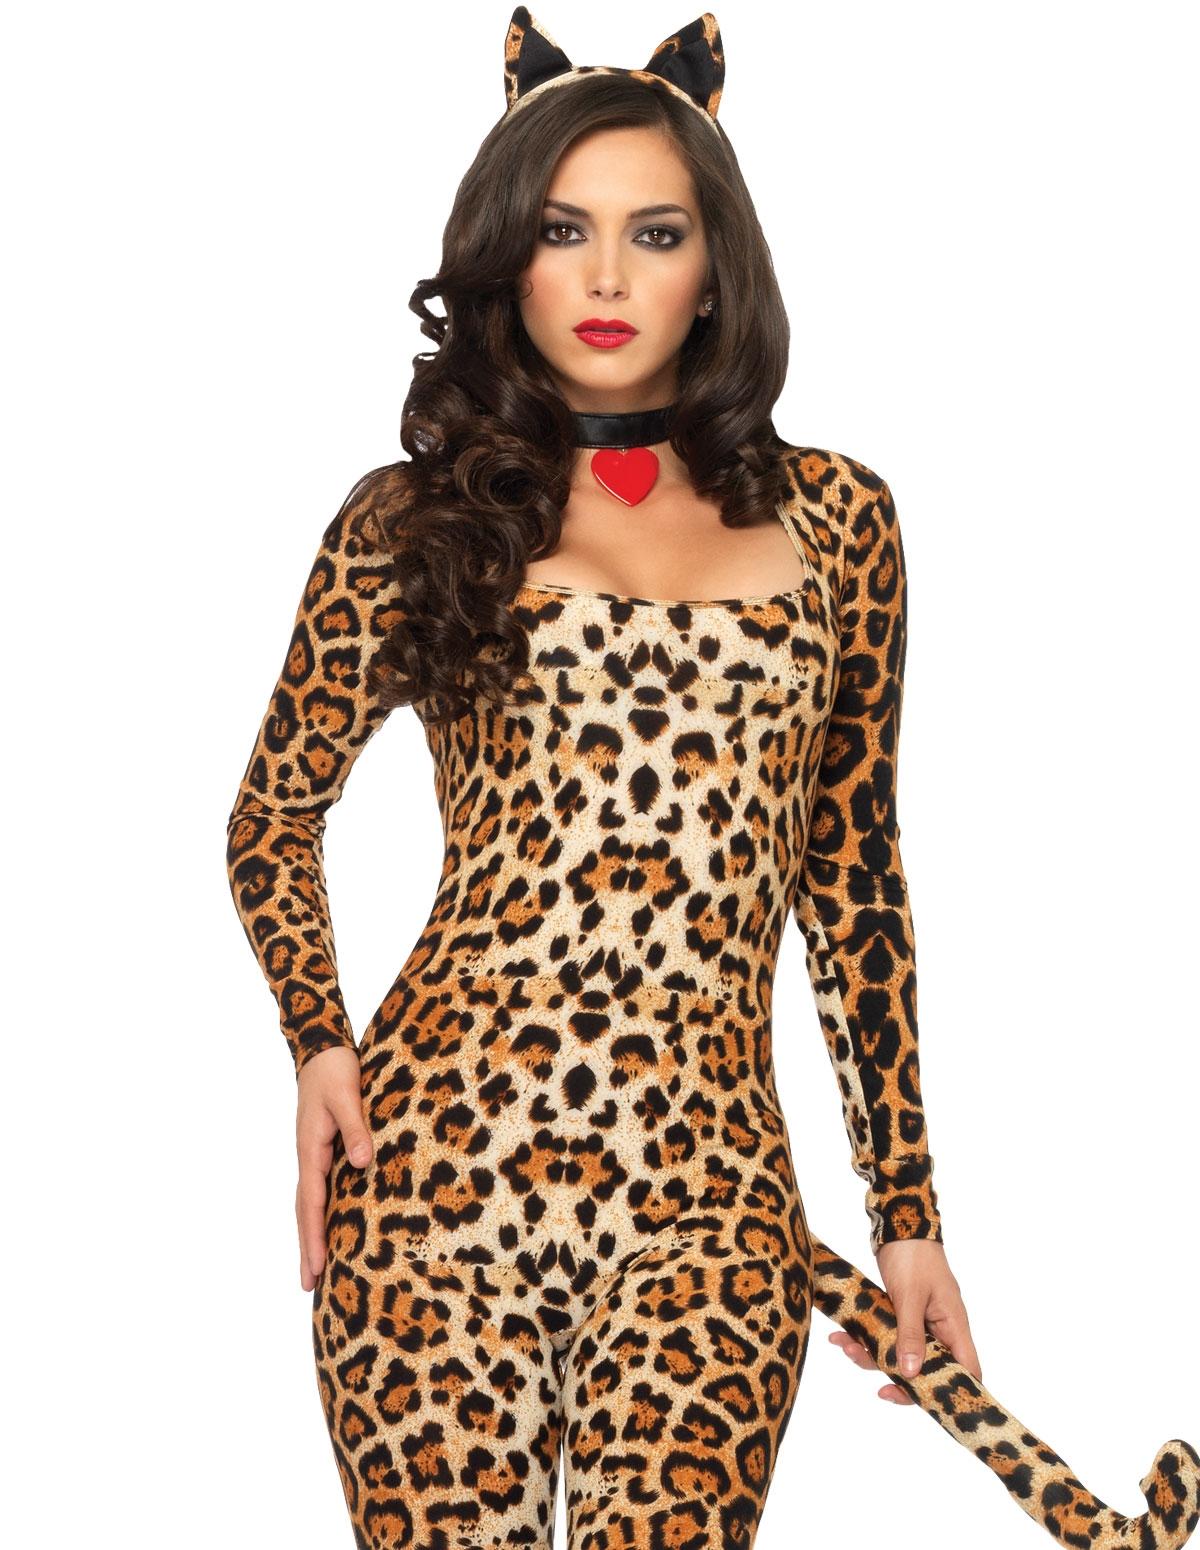 4Pc Cougar Costume